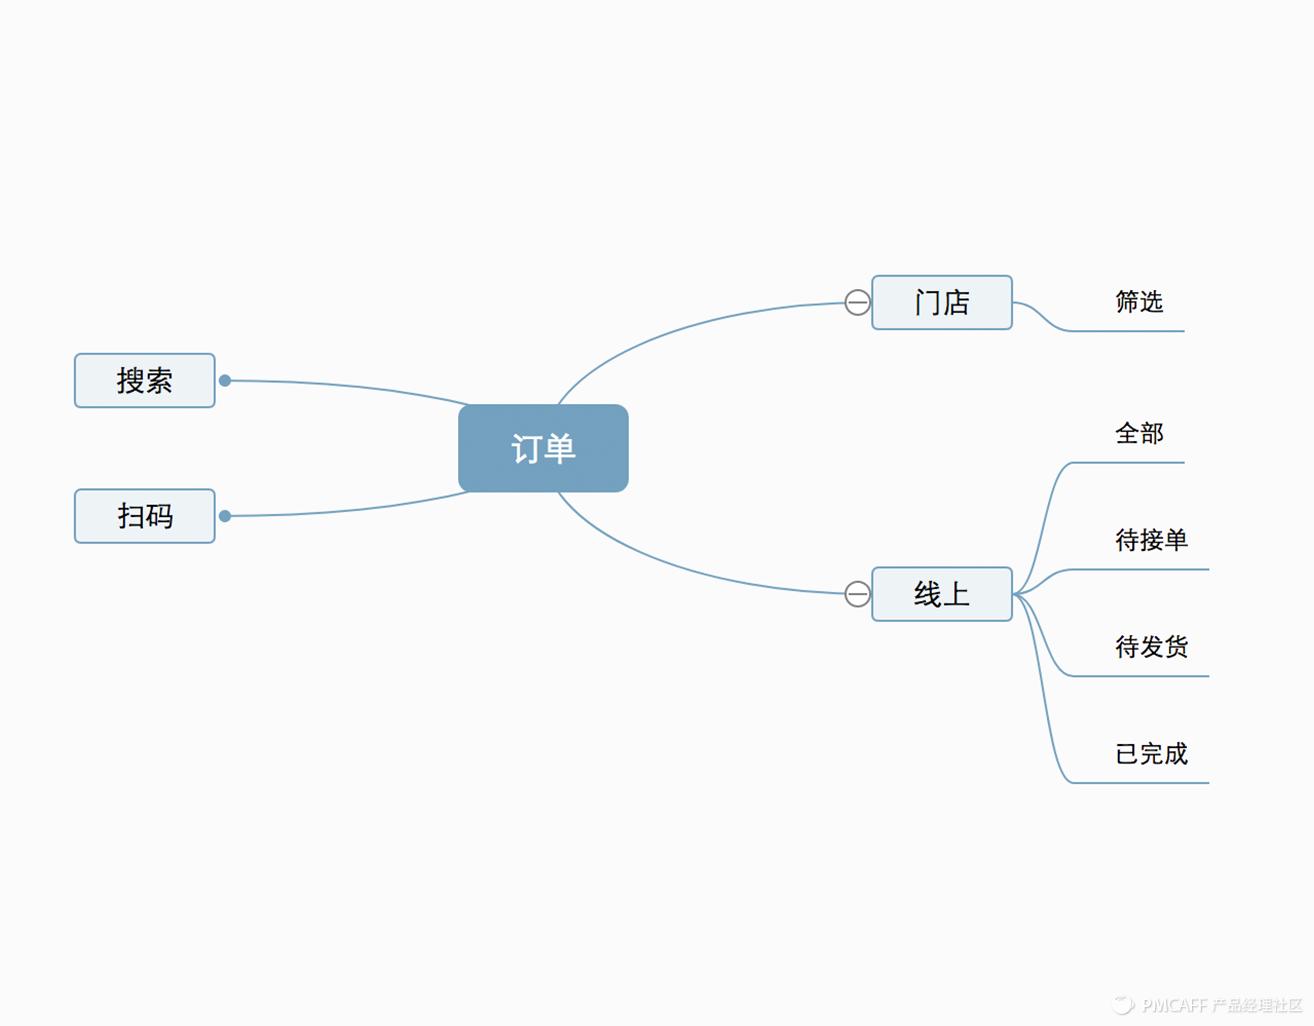 图:订单信息构架